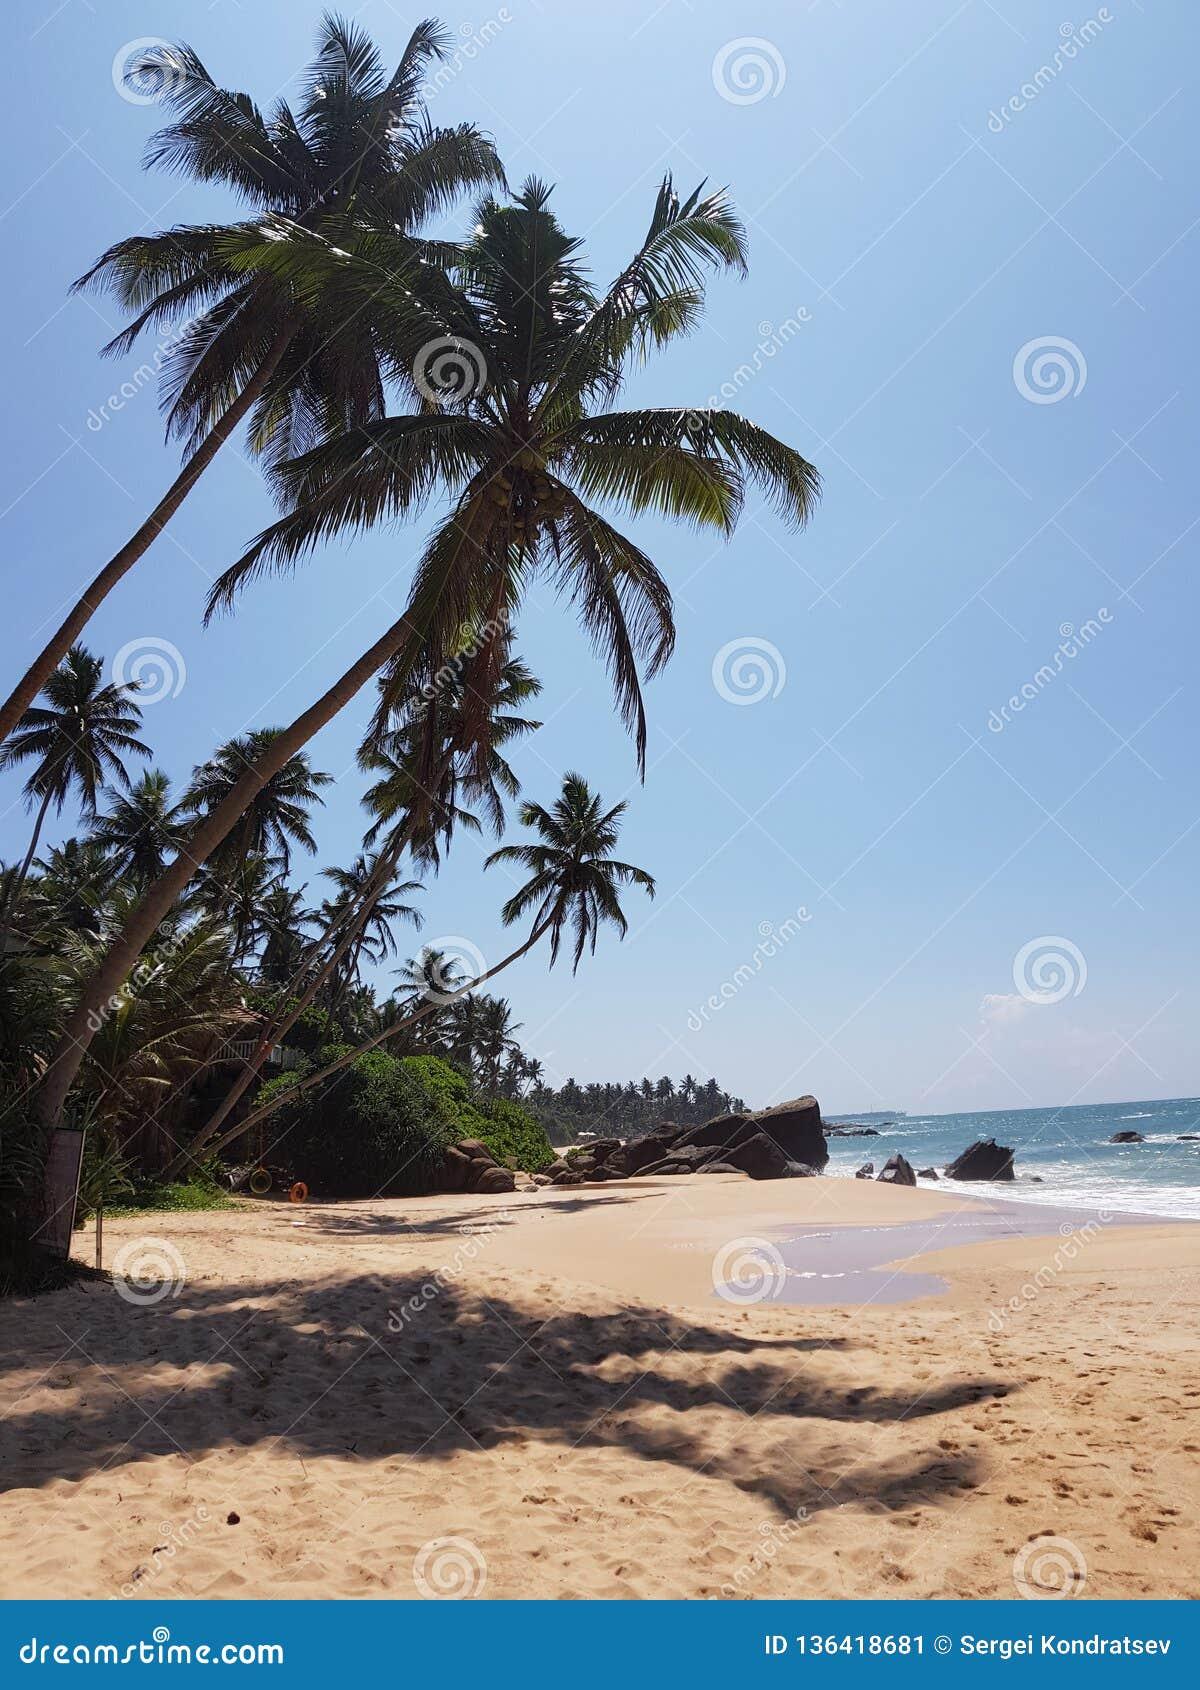 Strand met palmen, zandsteen en stenen